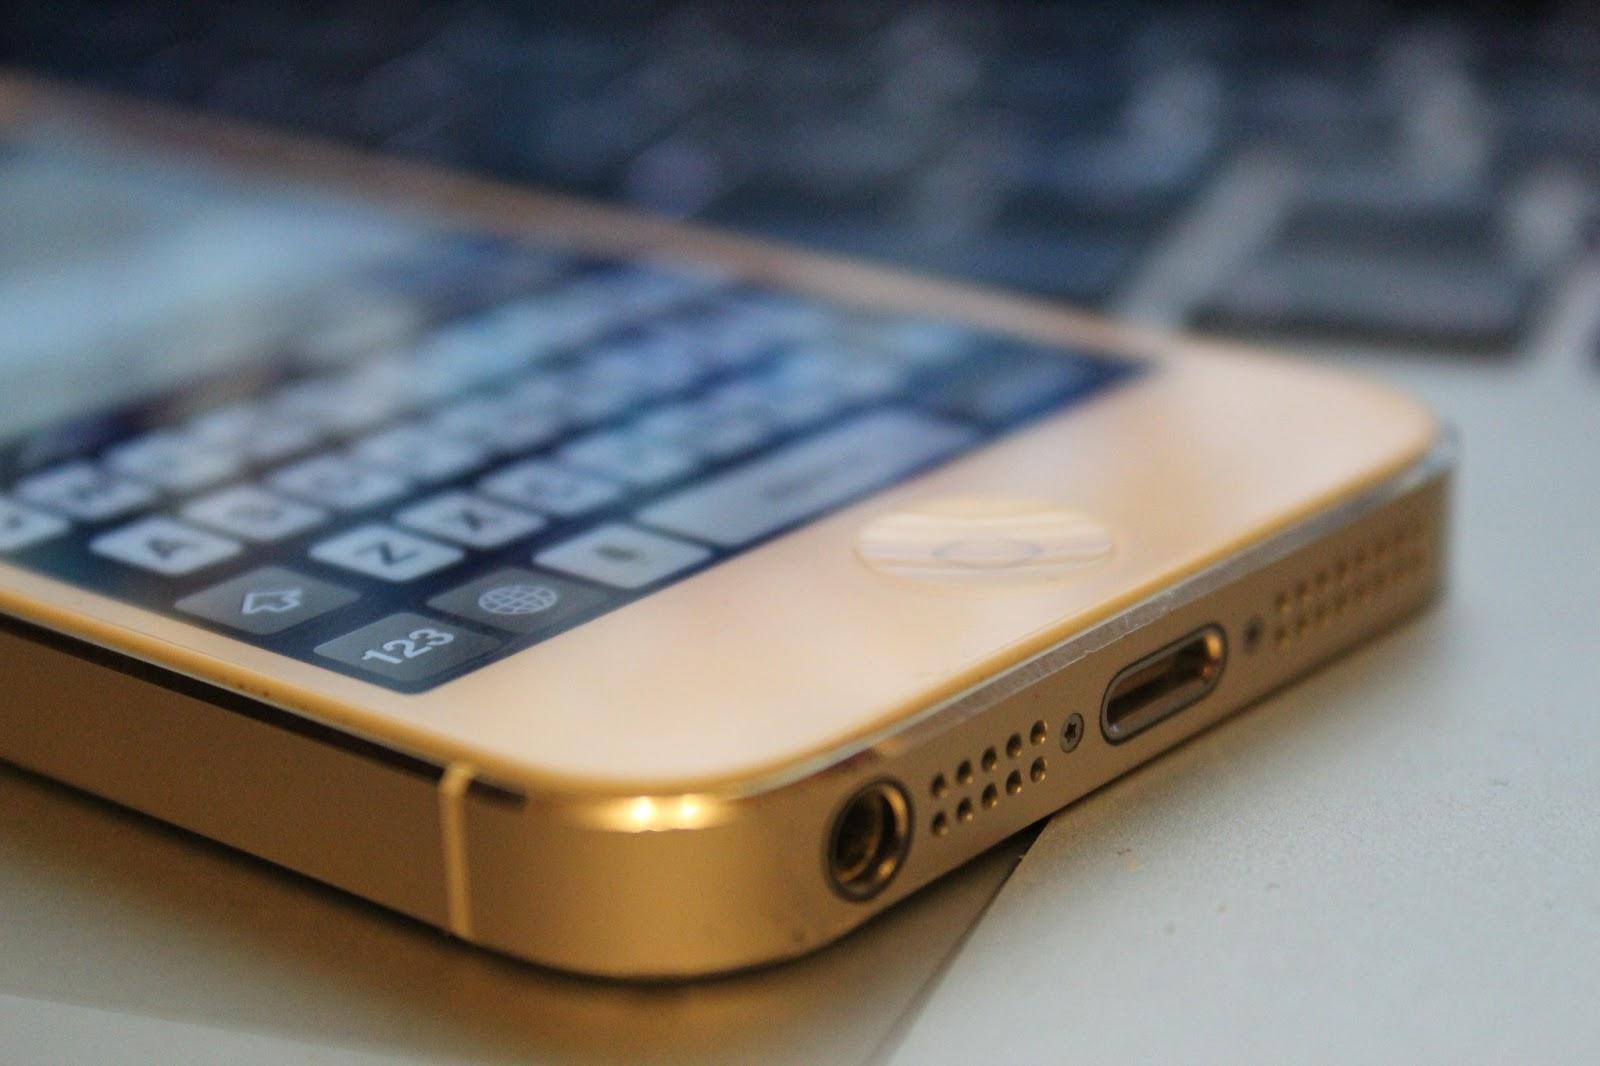 PANGU 4 GRATUIT 7.1.2 IPHONE TÉLÉCHARGER